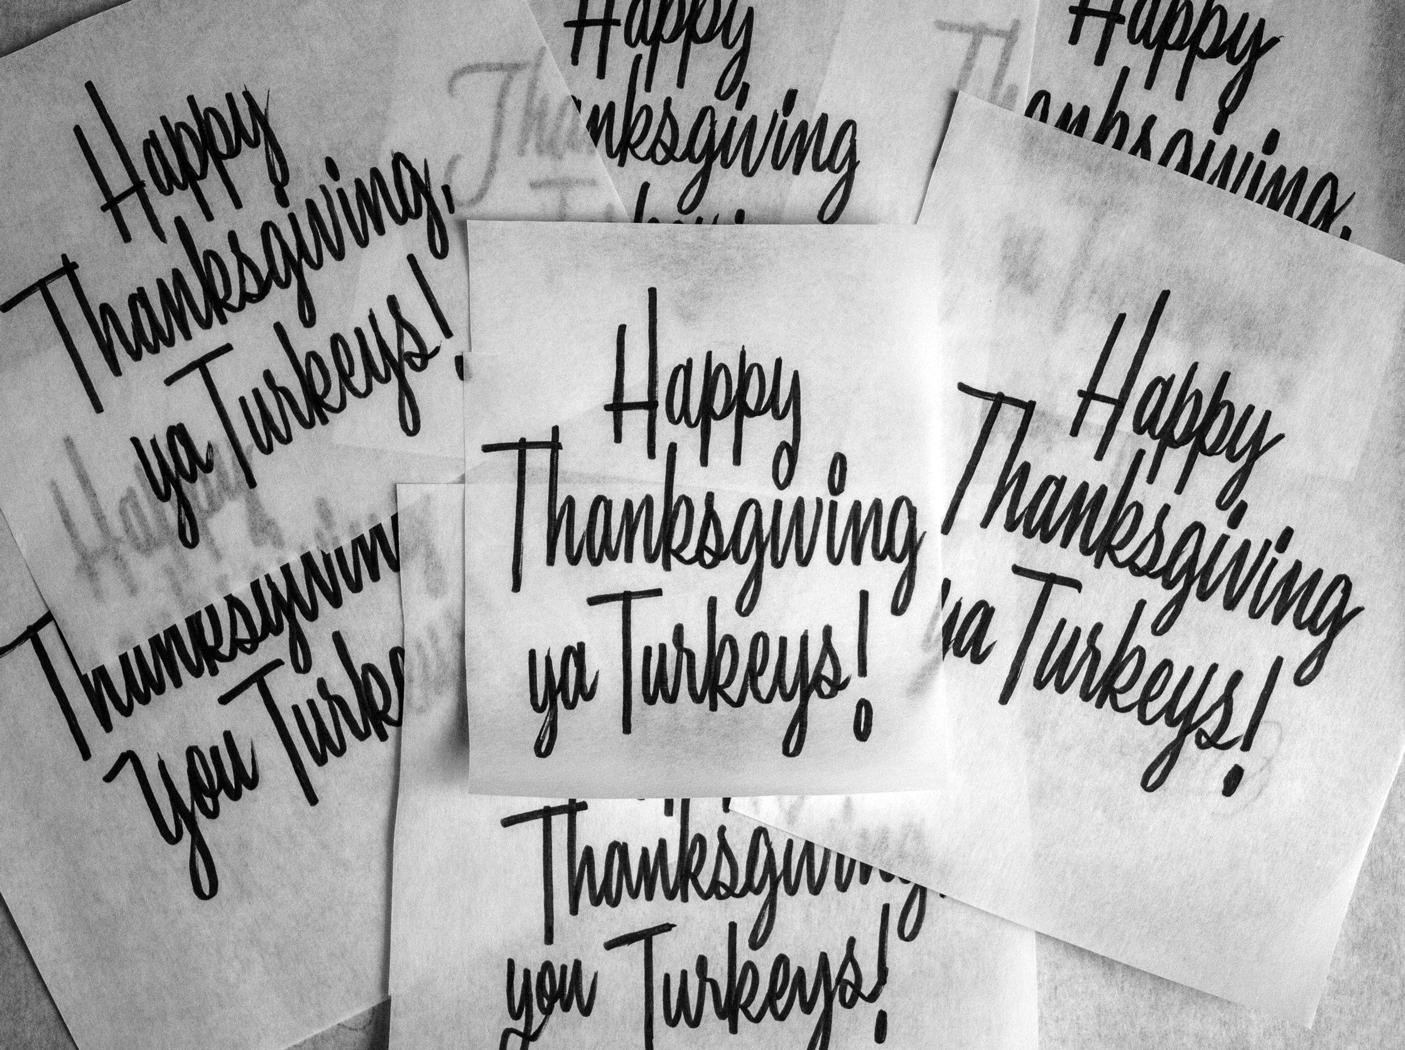 112316_ThanksgivingTurkeys.jpg